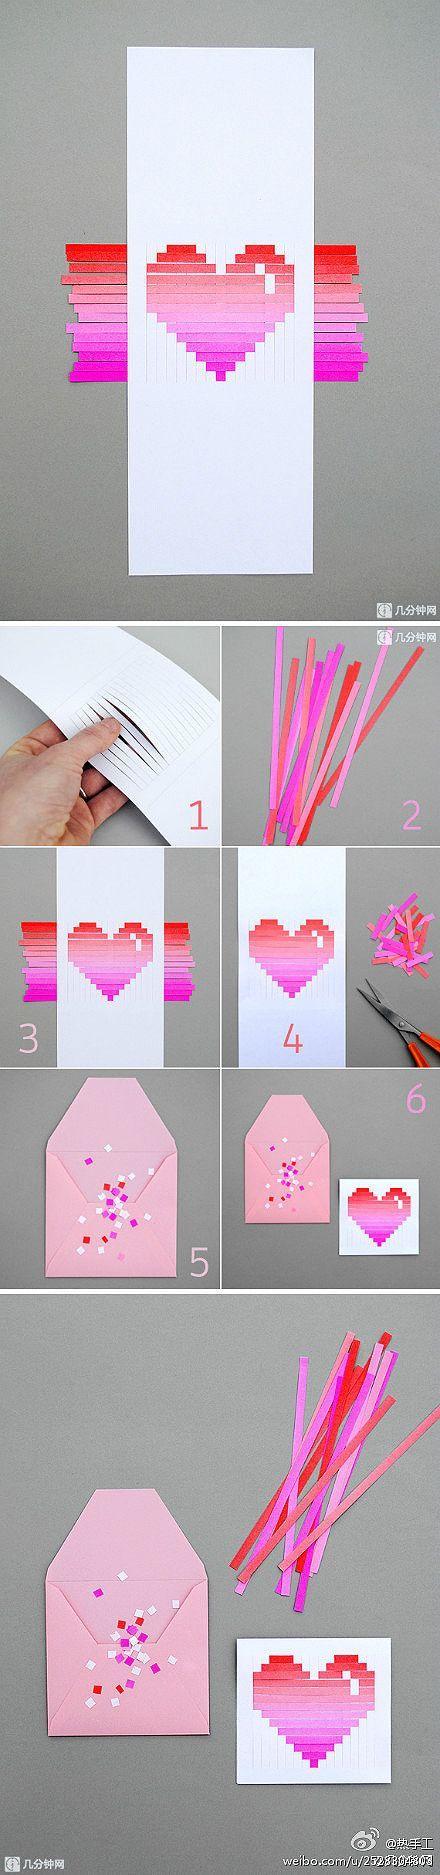 Como hacer una tarjeta para San Valentin original